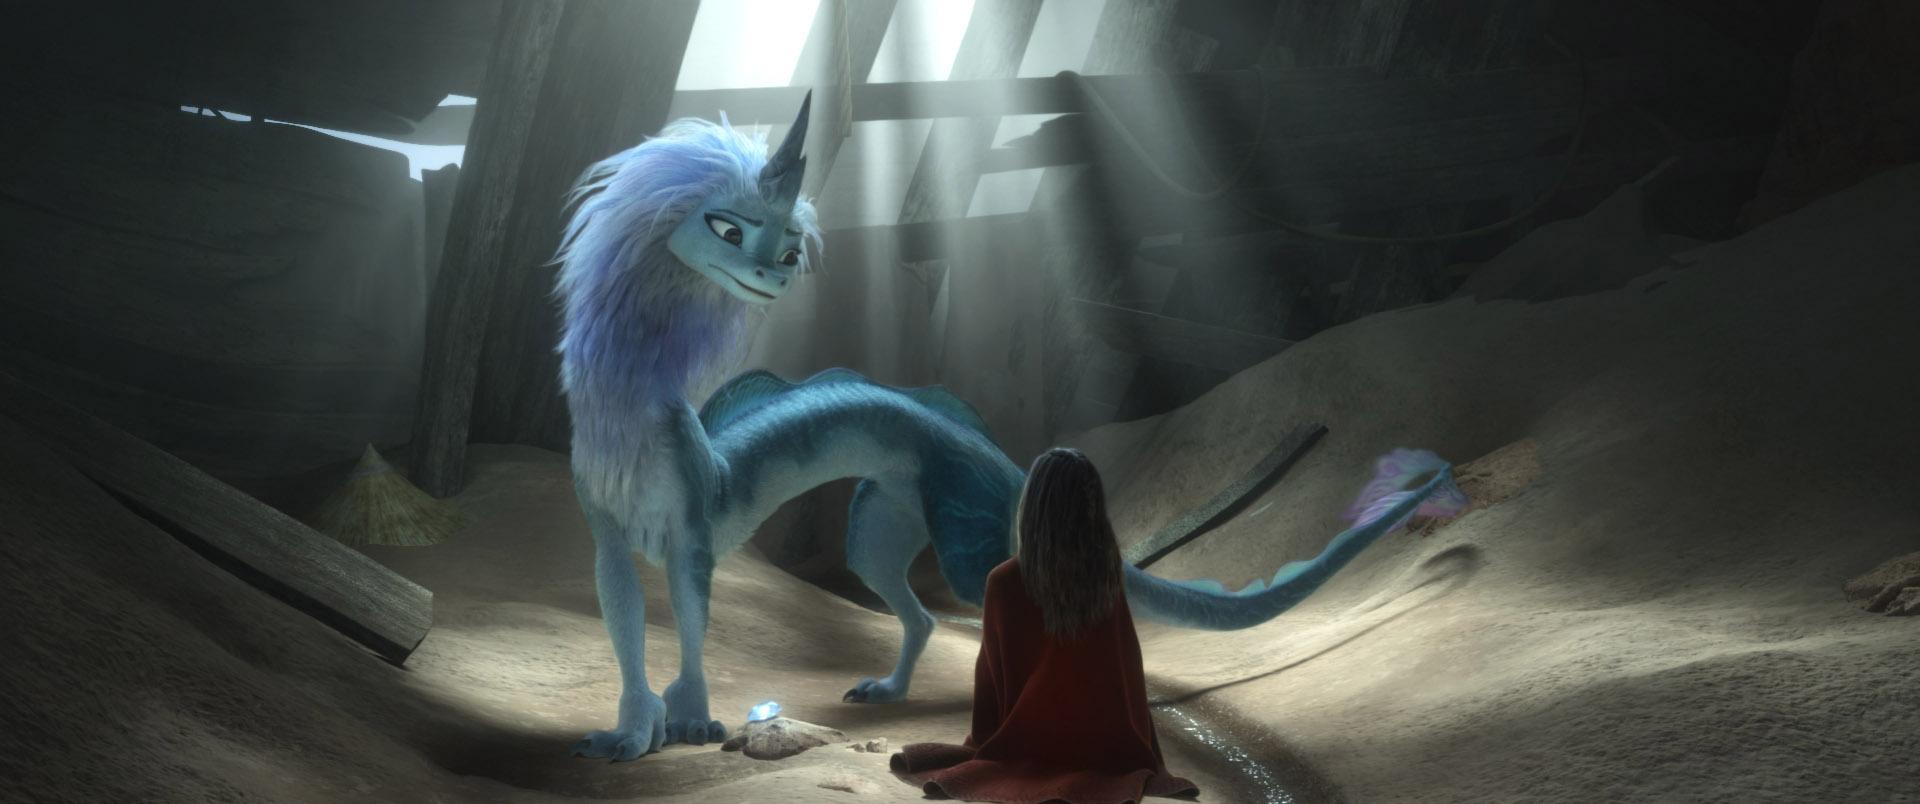 Raya y el Último Dragón, disponible en alquiler digital a partir del 2 de abril